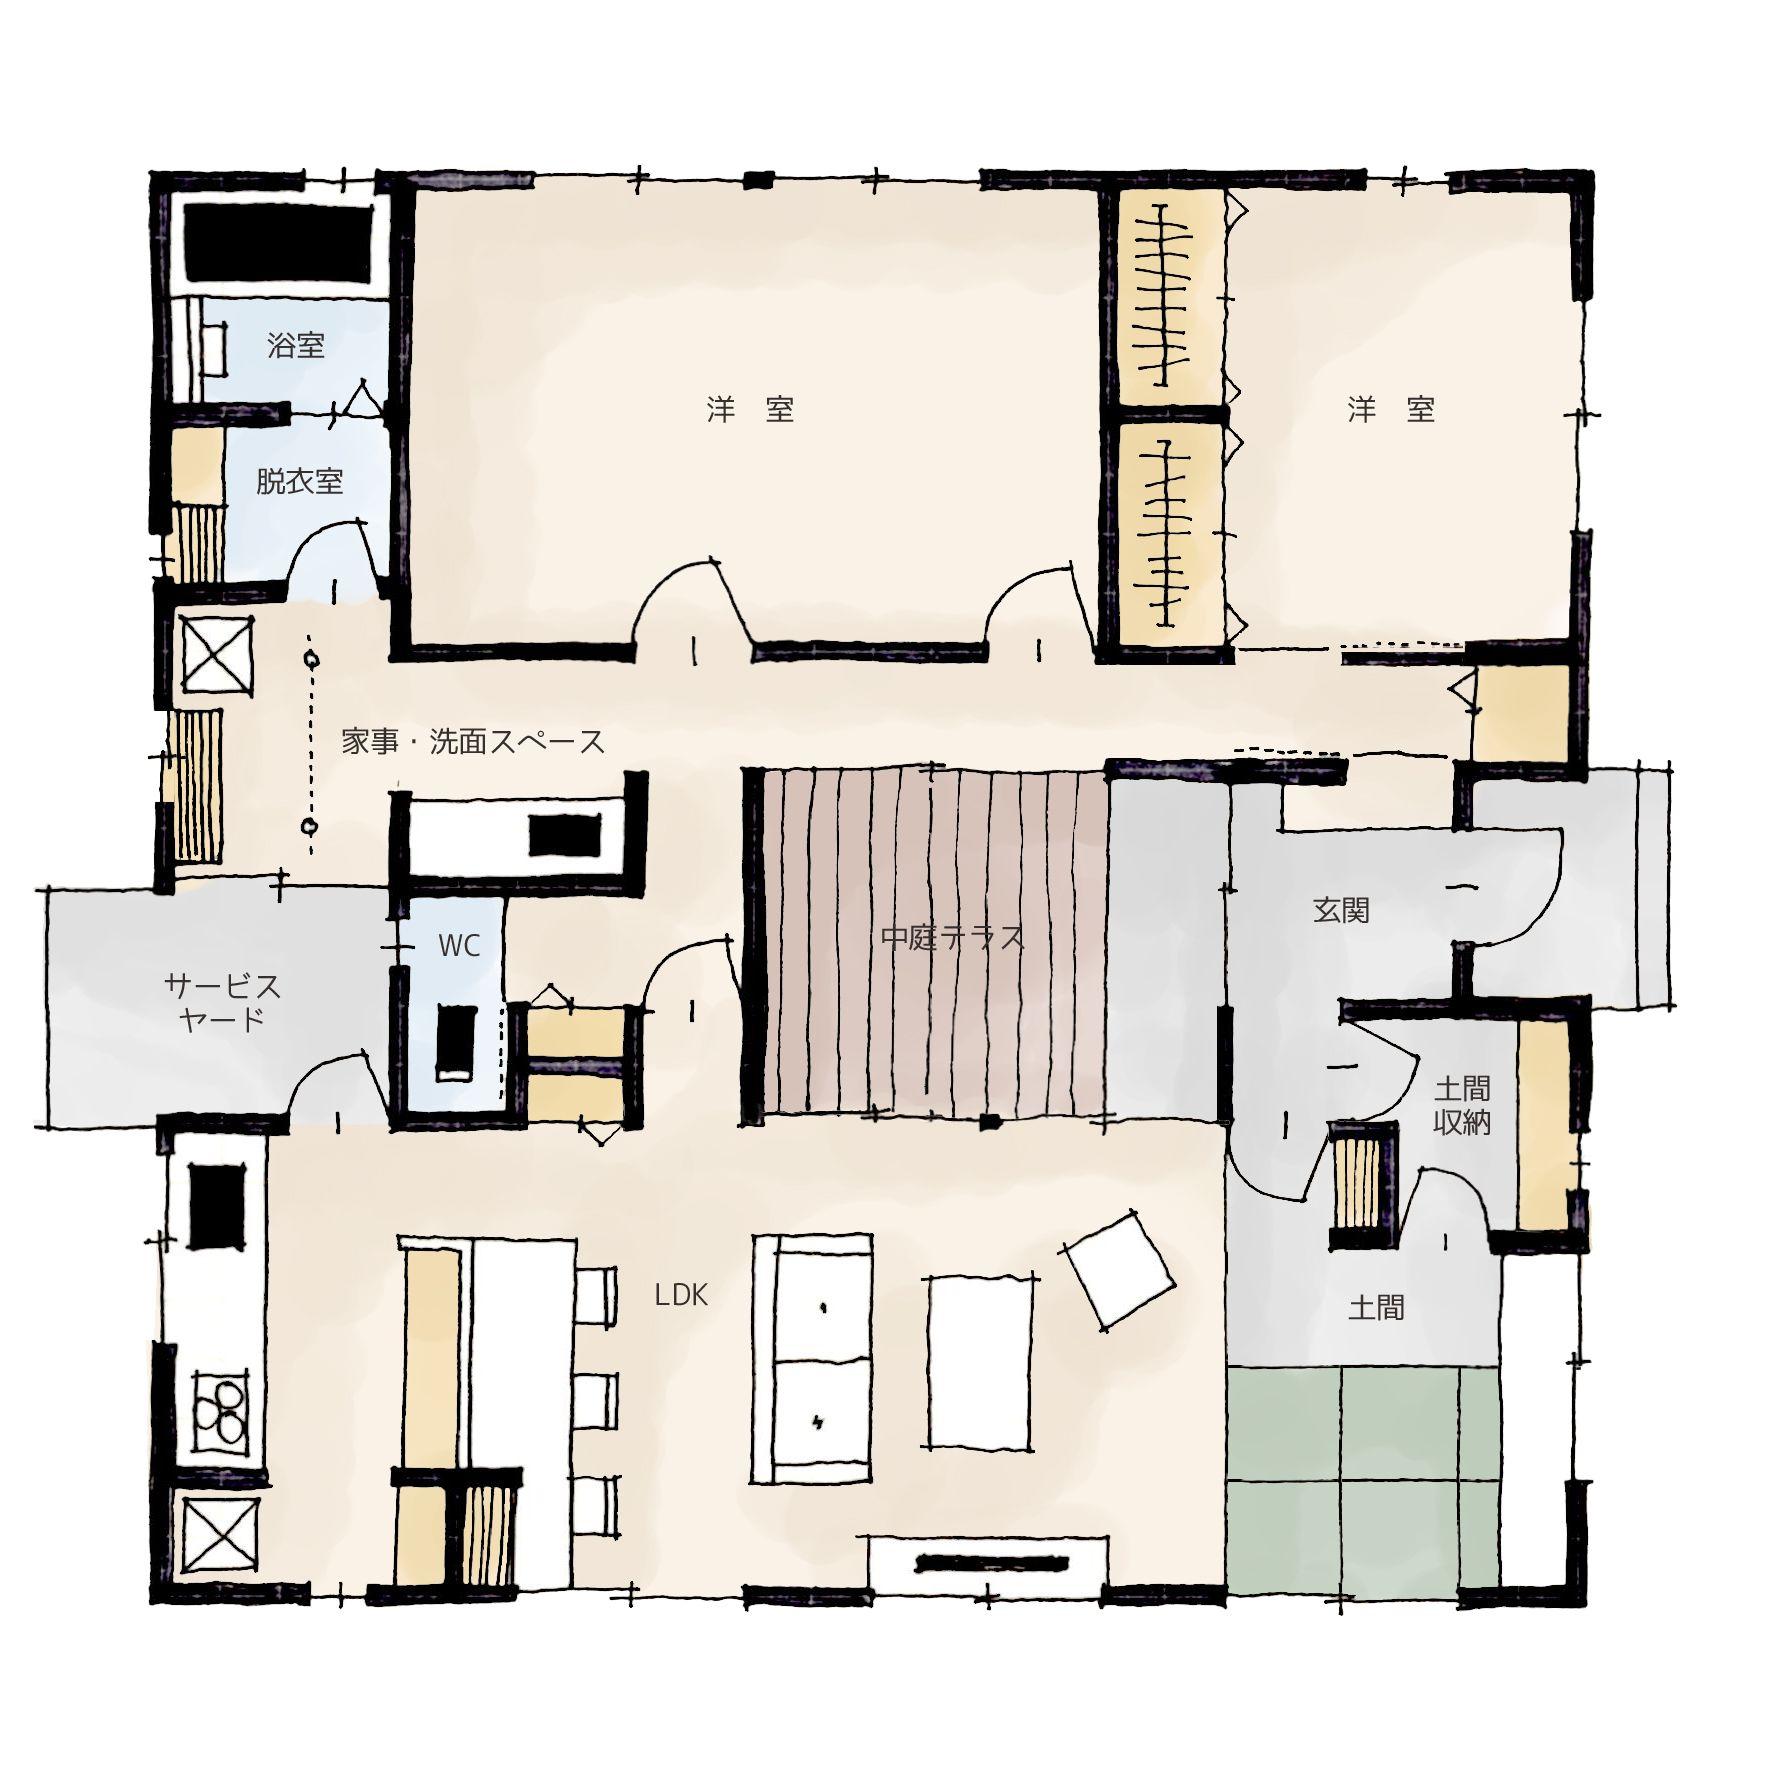 猫と暮らす中庭テラスのある家 の間取り 家の間取り 間取り 平面図